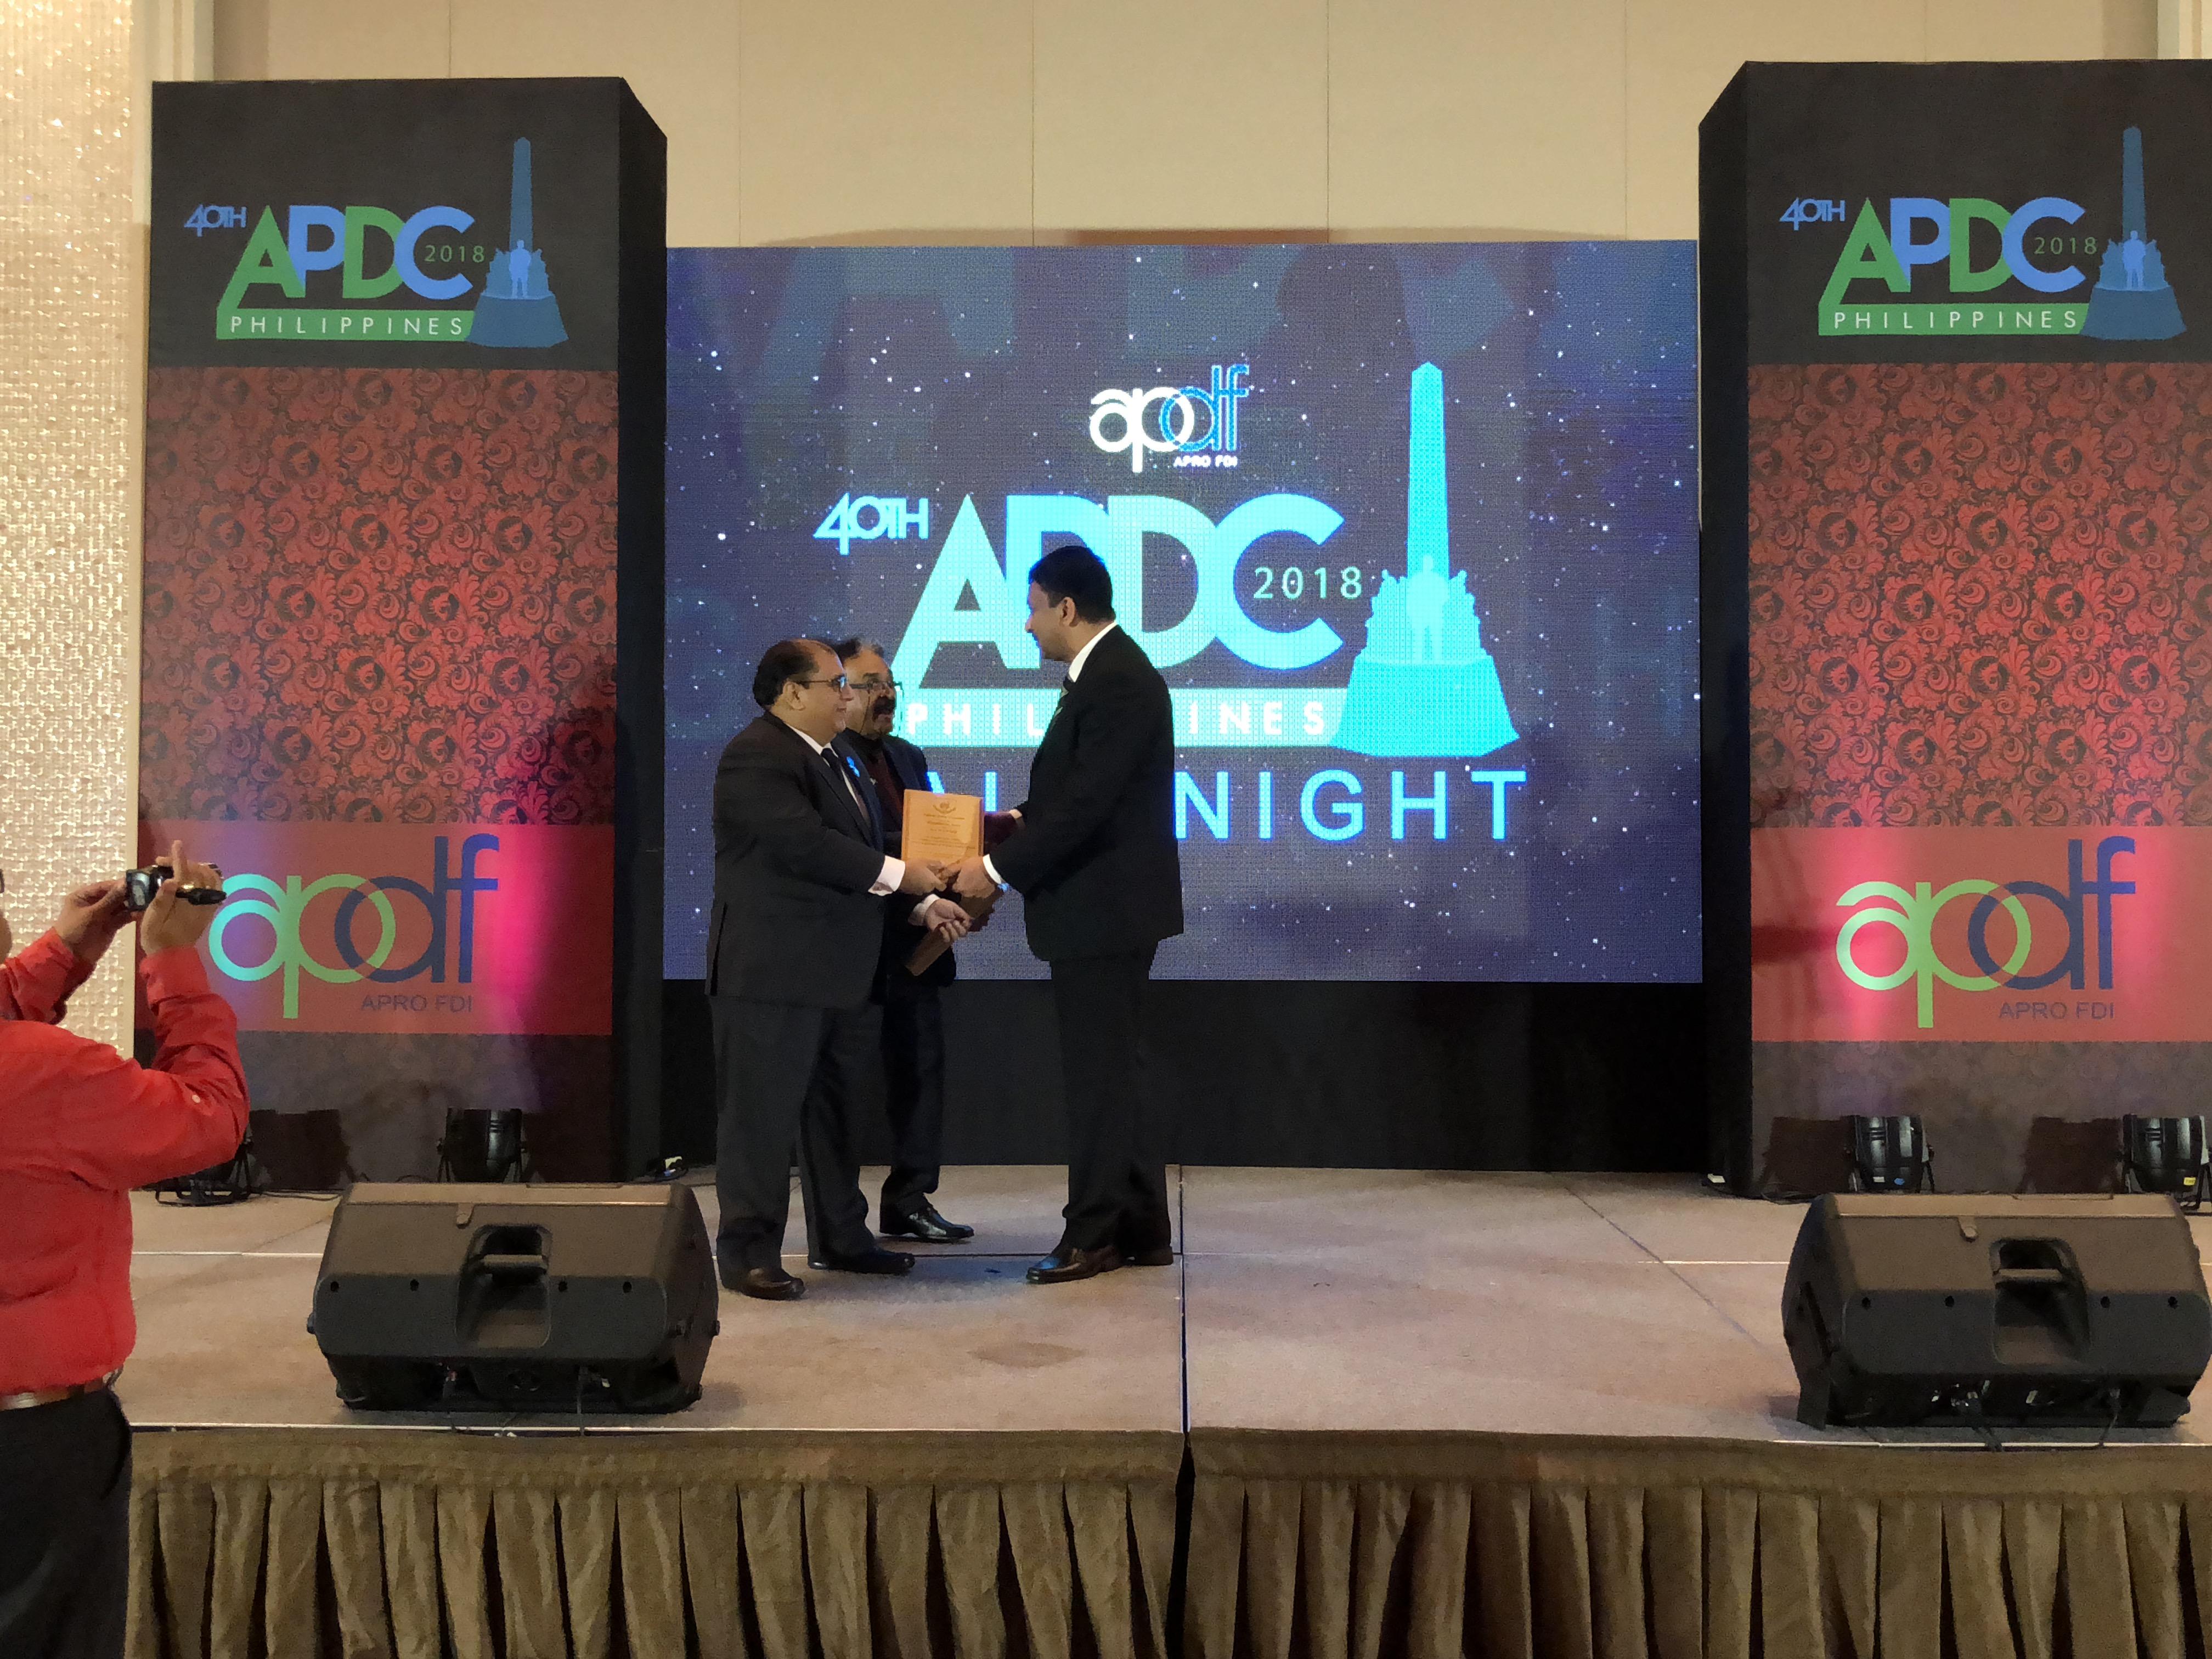 – Dr Mahmood Shah and Dr Nasir Ali Khan presenting the Humanitarian Award to Prof SM Balaji.